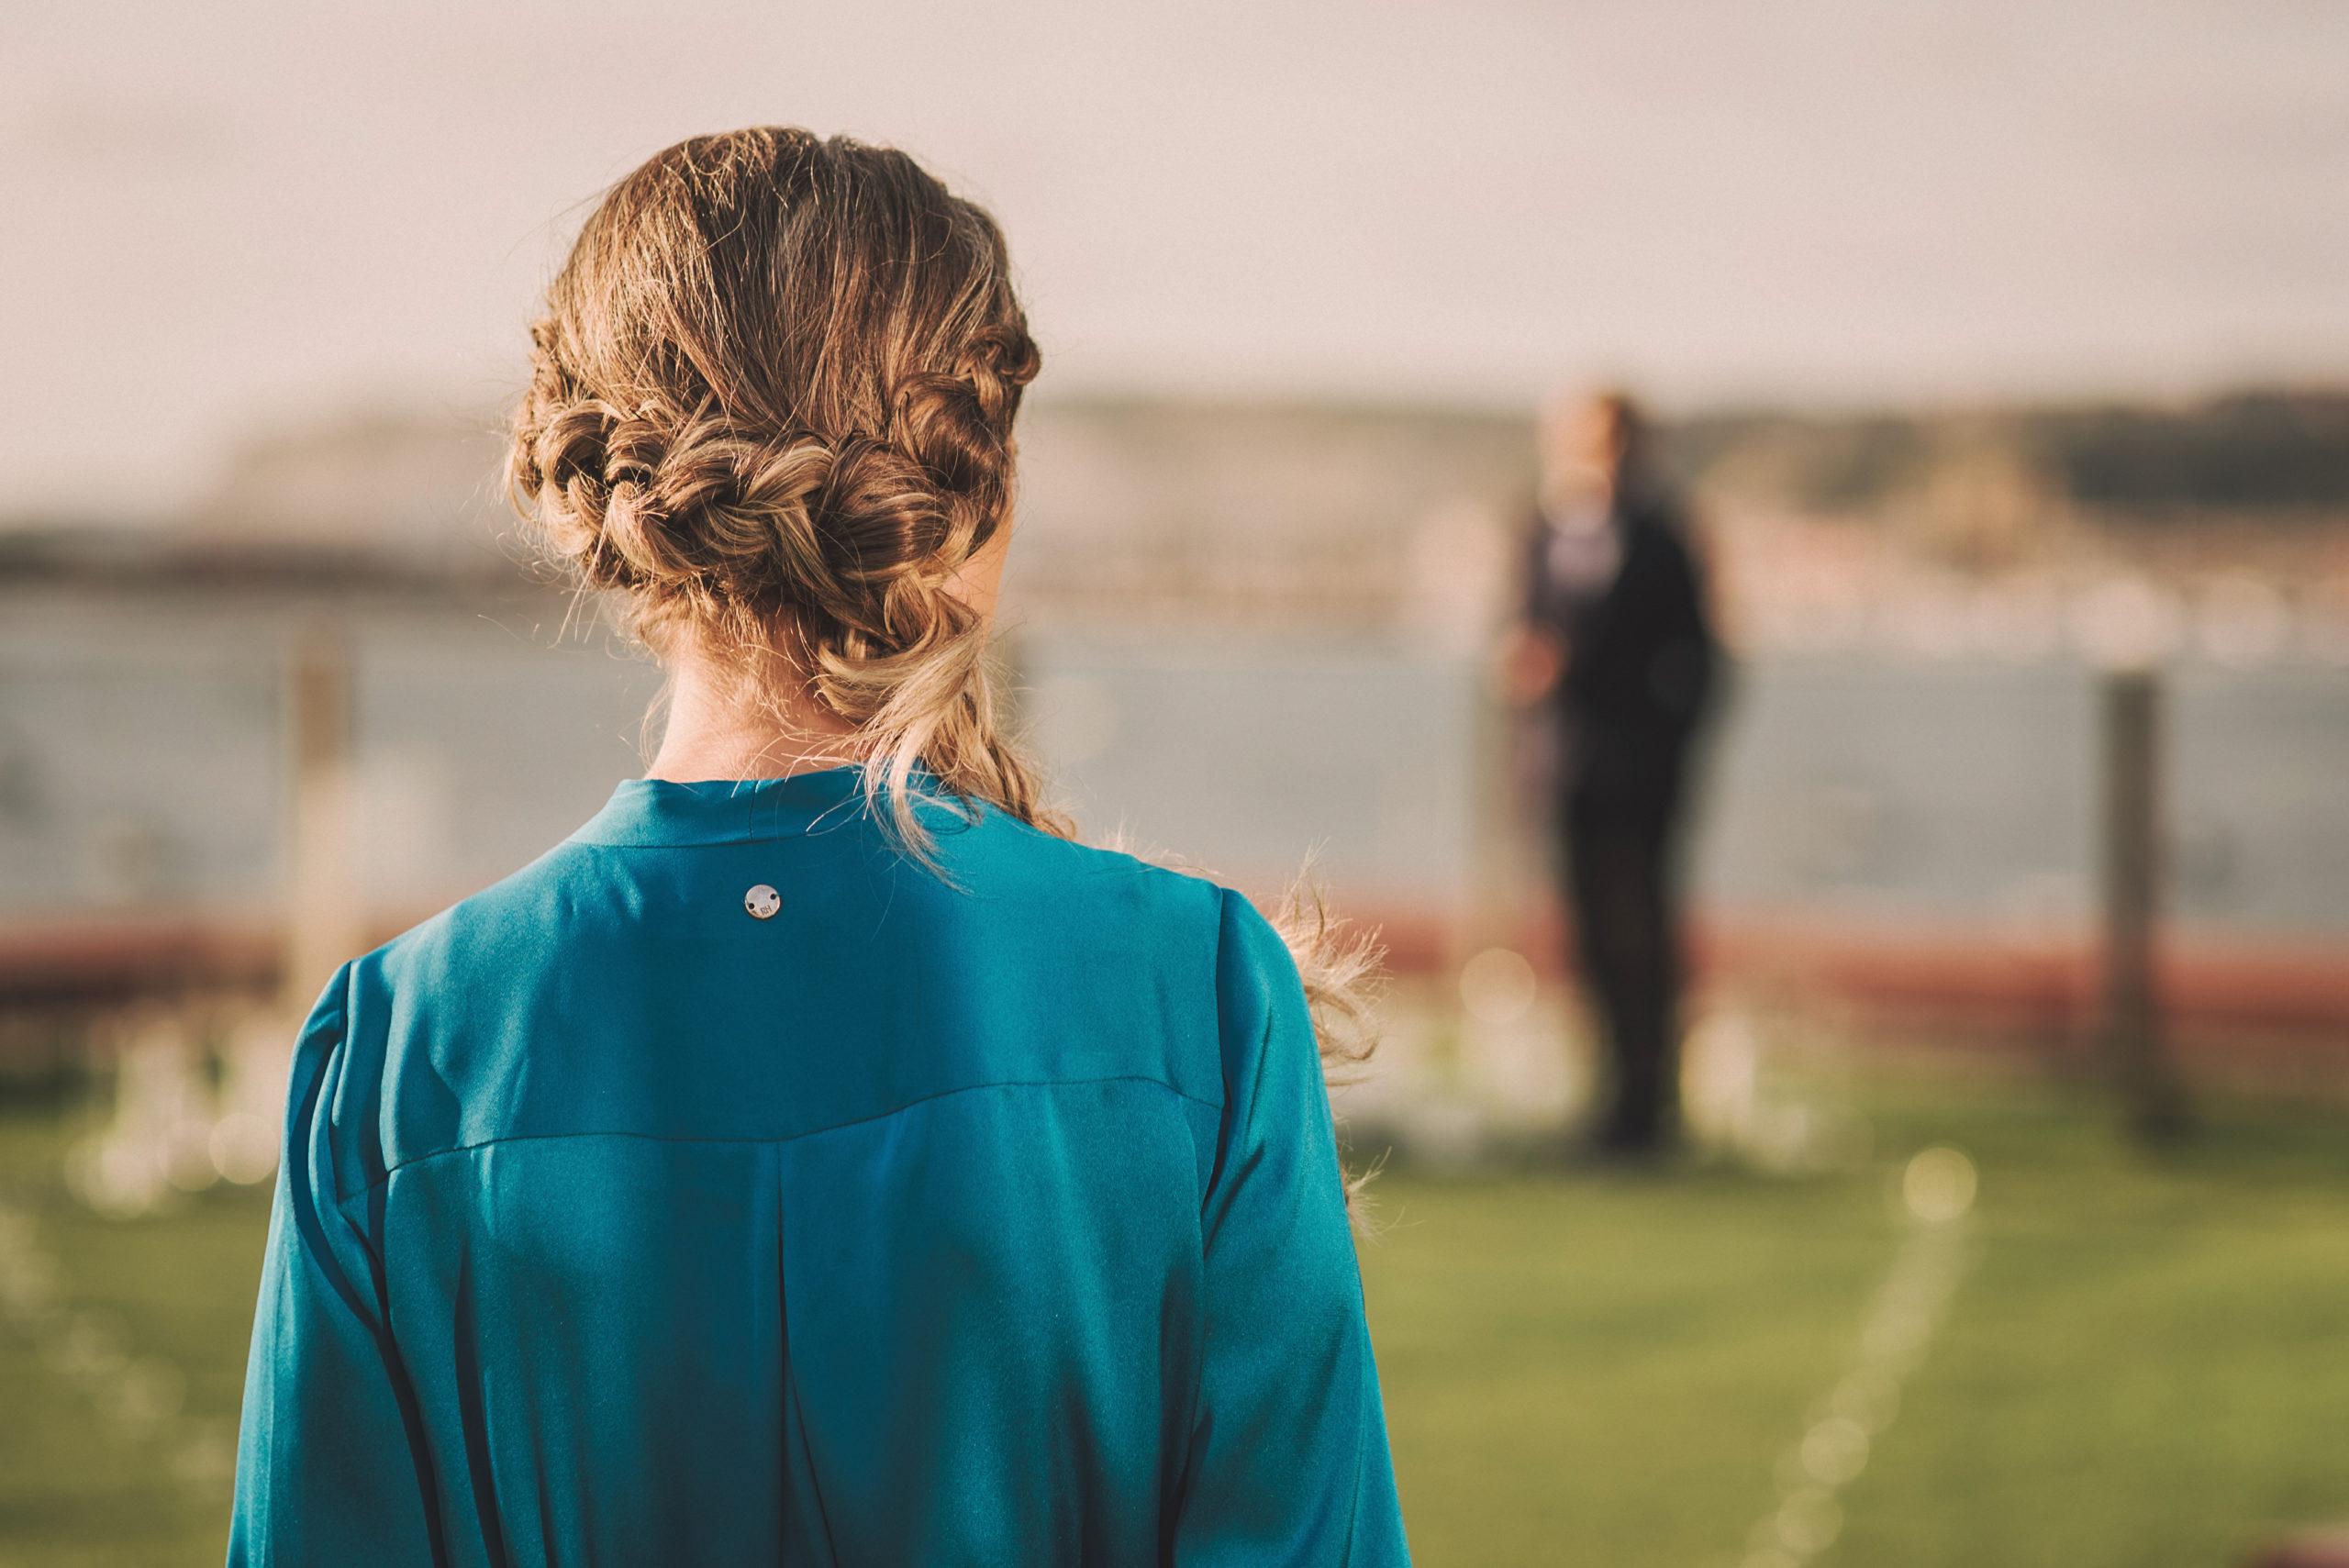 Novia con vestido azul va hacia el novio